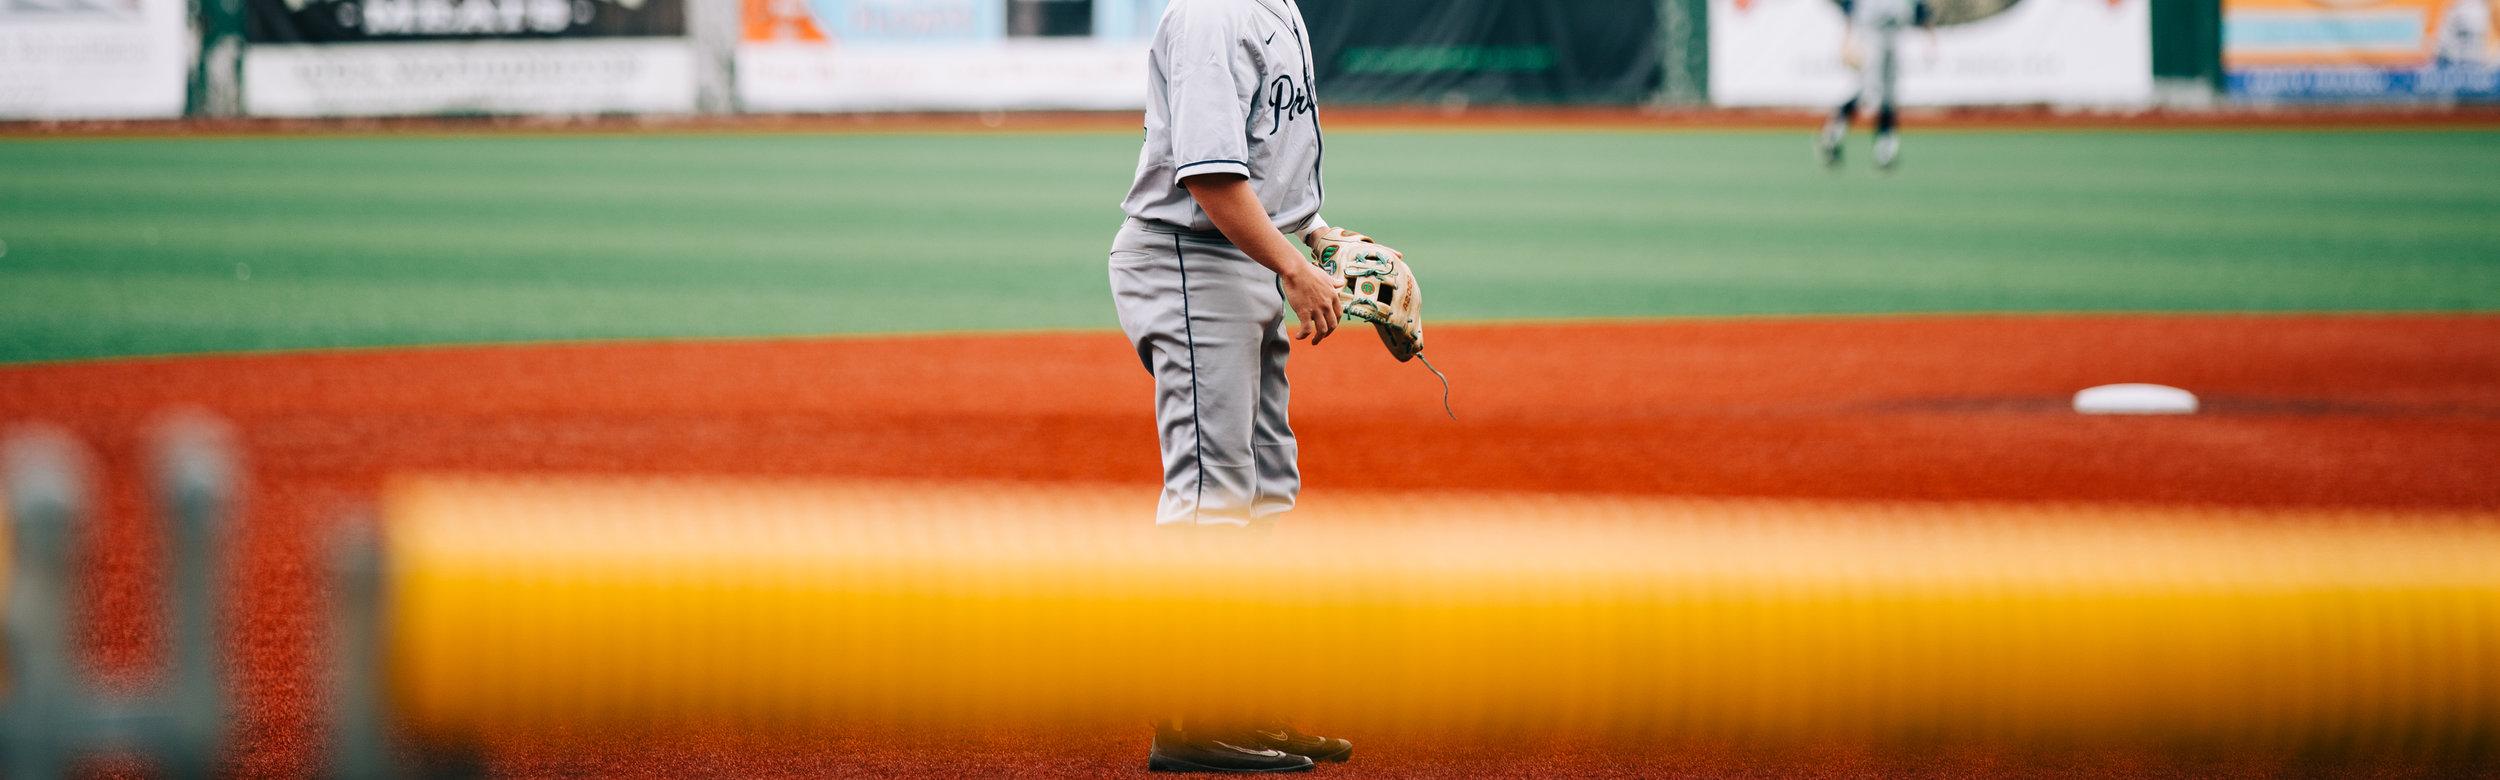 Baseball-25.jpg